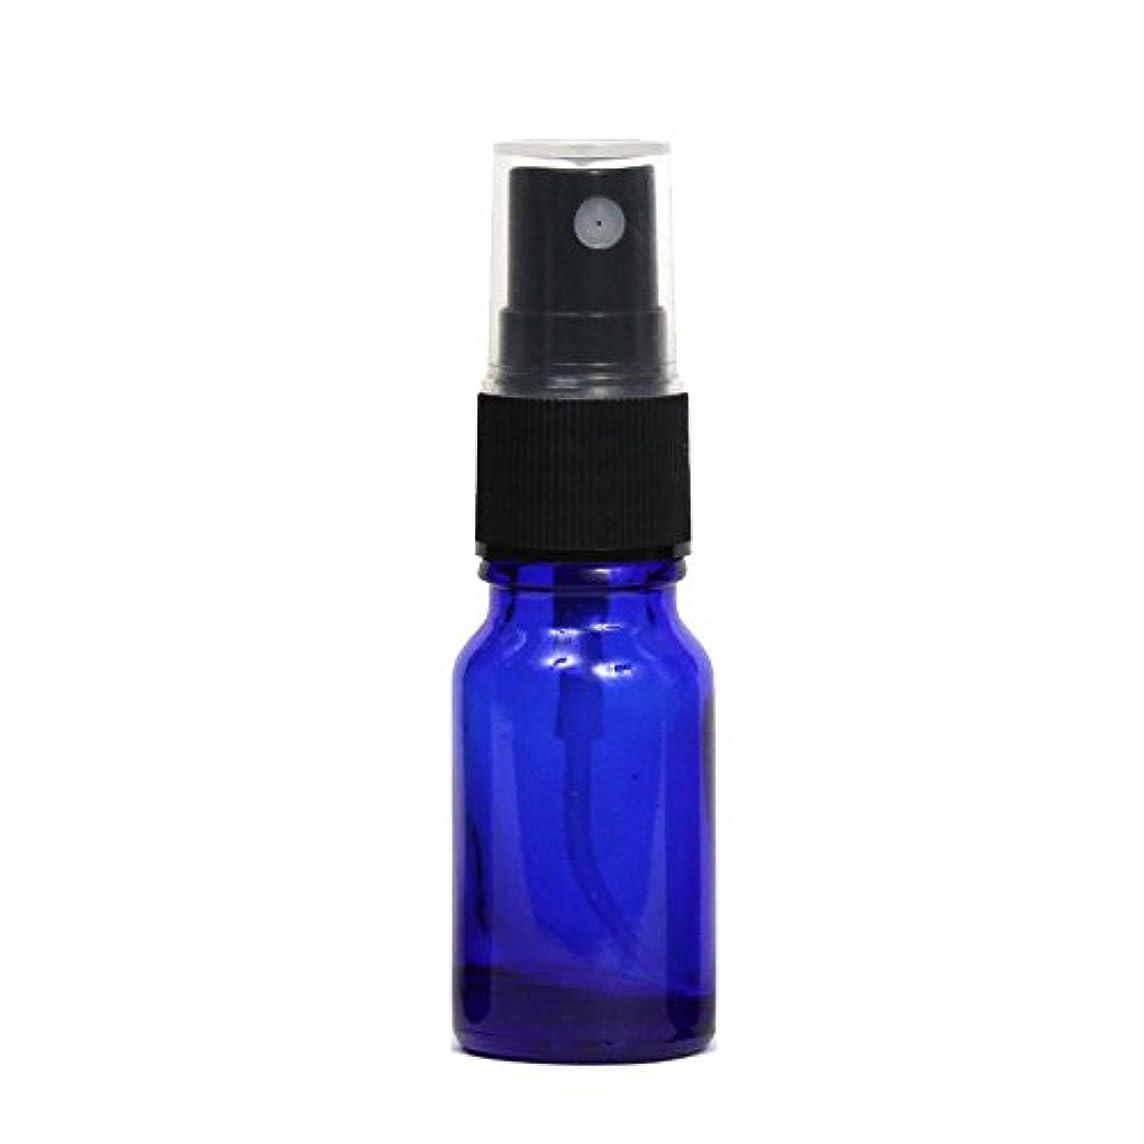 ウール民主党生まれスプレーボトル ガラス瓶 10mL 遮光性ブルー ガラスアトマイザー 空容器